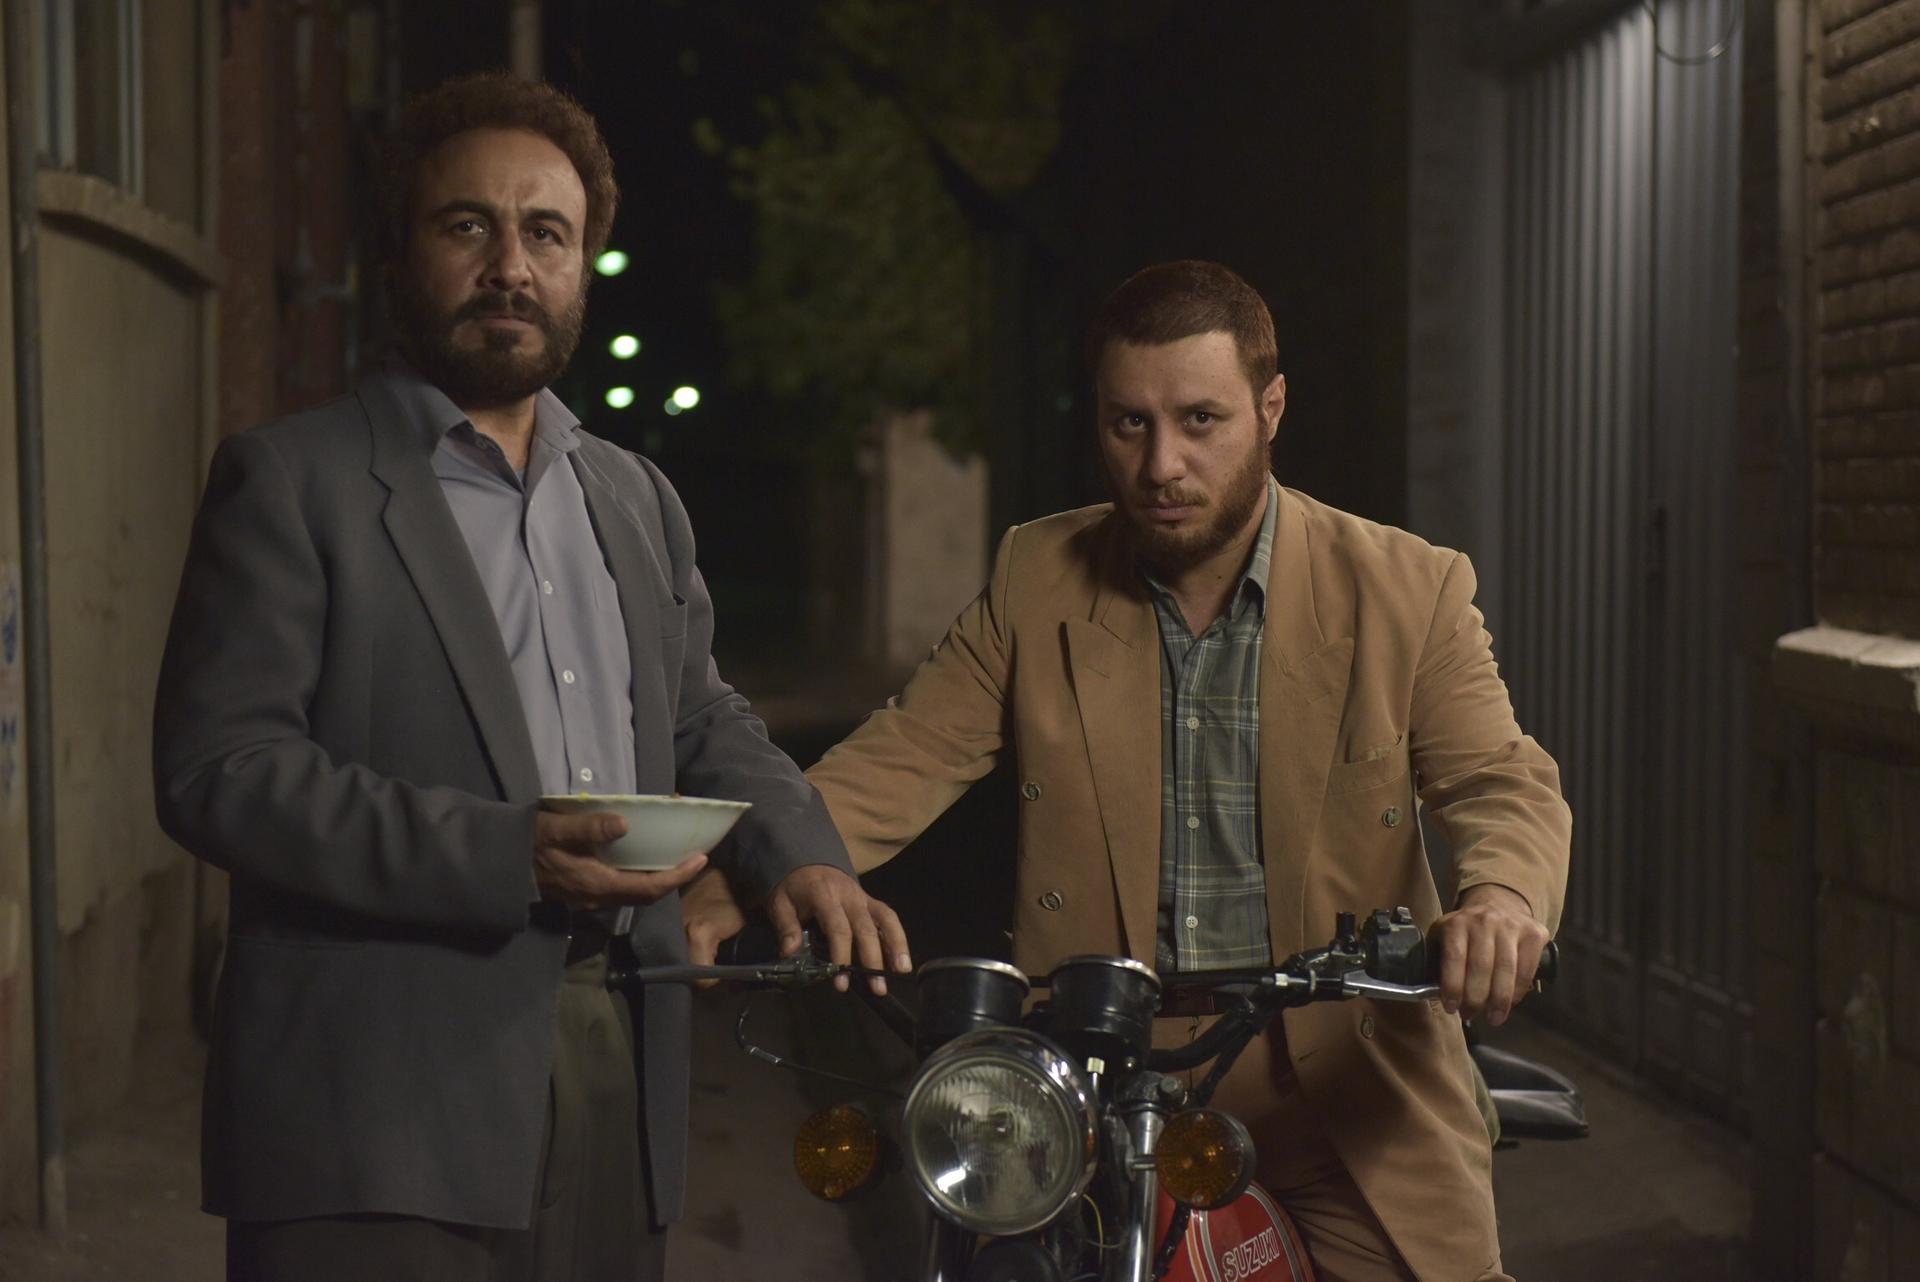 رضا عطاران و جواد عزتی در فیلم سینمایی هزار پا